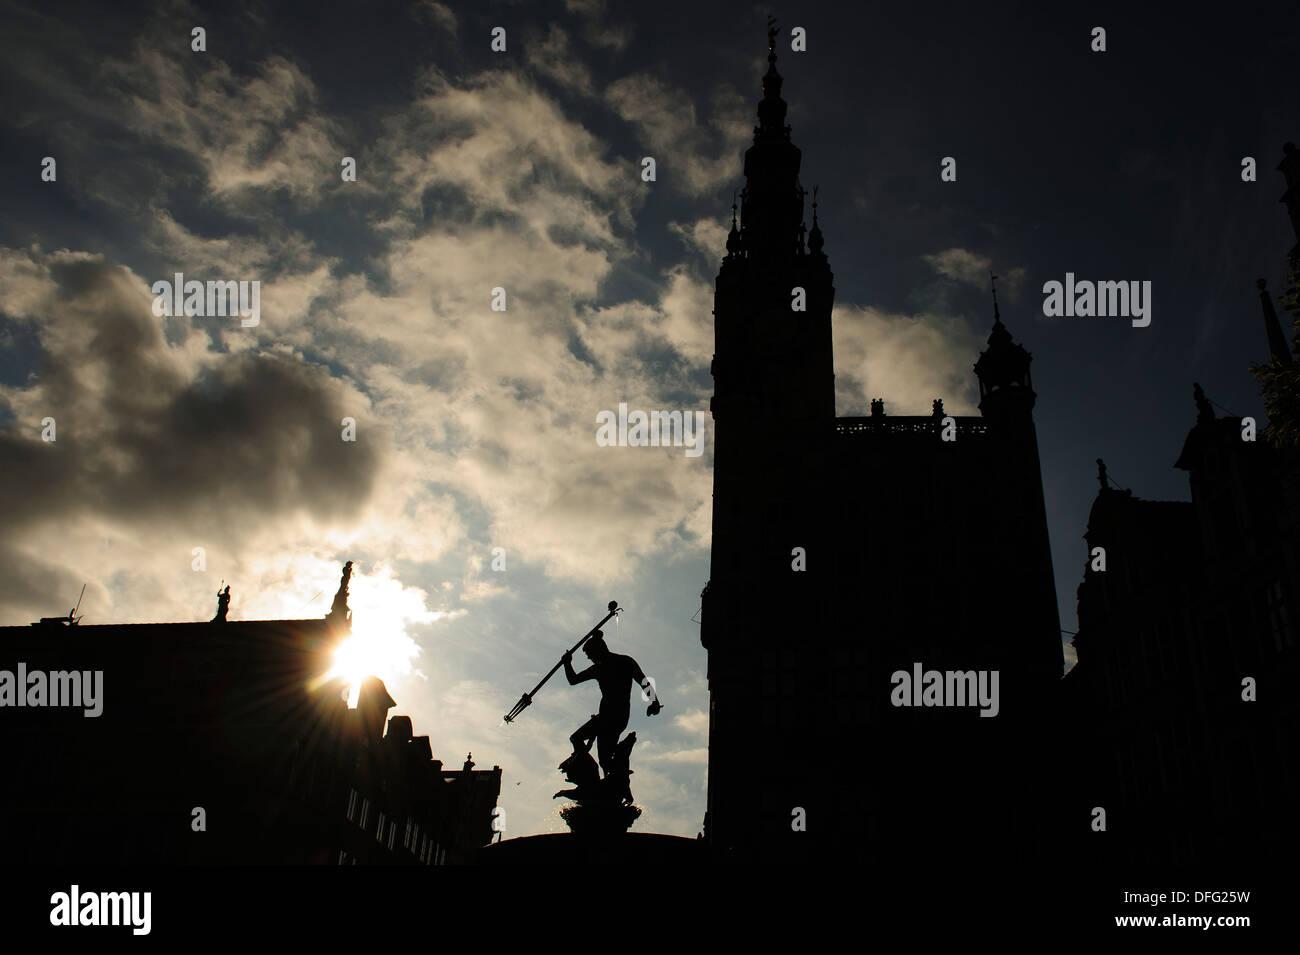 Silueta de la fuente de Neptuno, en el centro de la ciudad de Gdansk, Polonia. Foto de stock